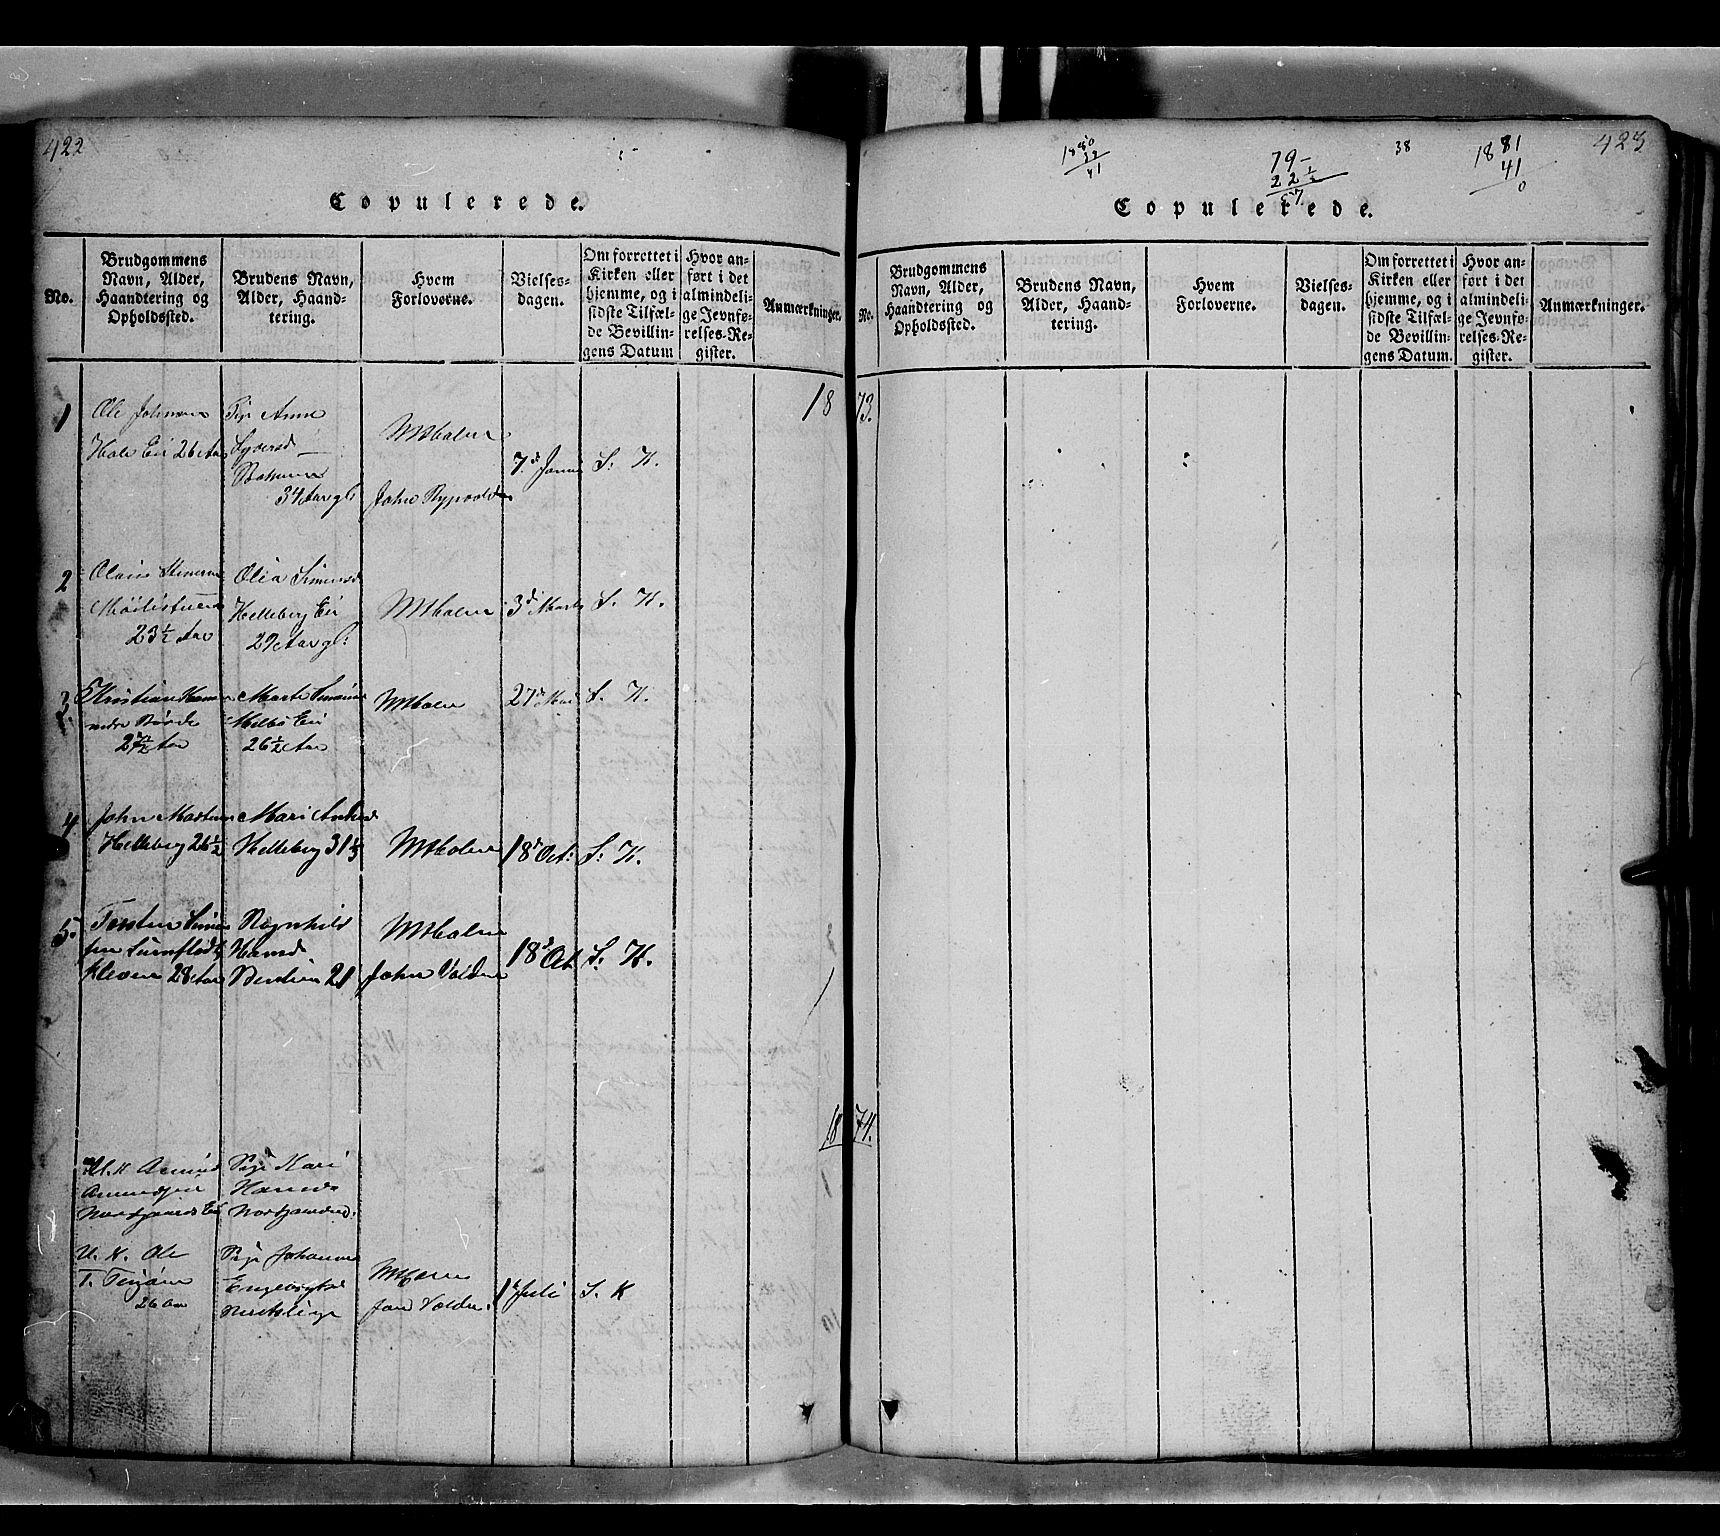 SAH, Gausdal prestekontor, Klokkerbok nr. 2, 1818-1874, s. 422-423